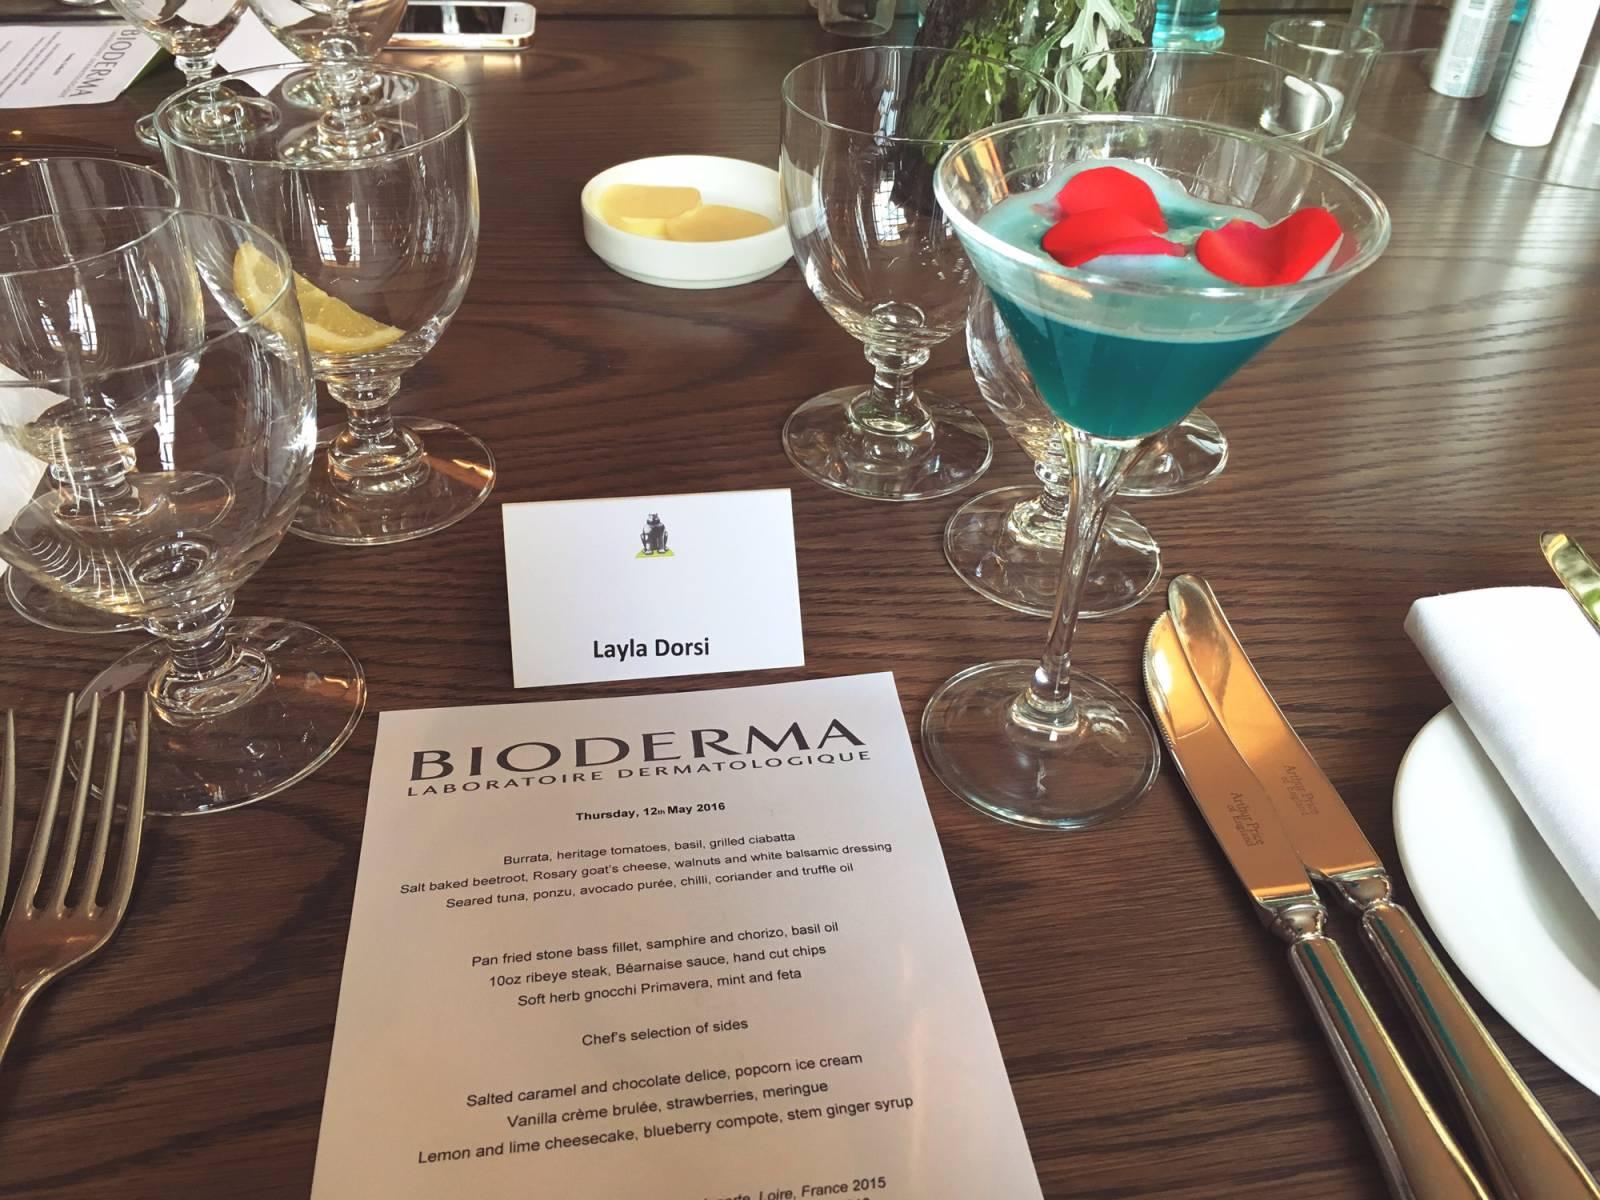 bioderma-hydrabio-mist-launch-event